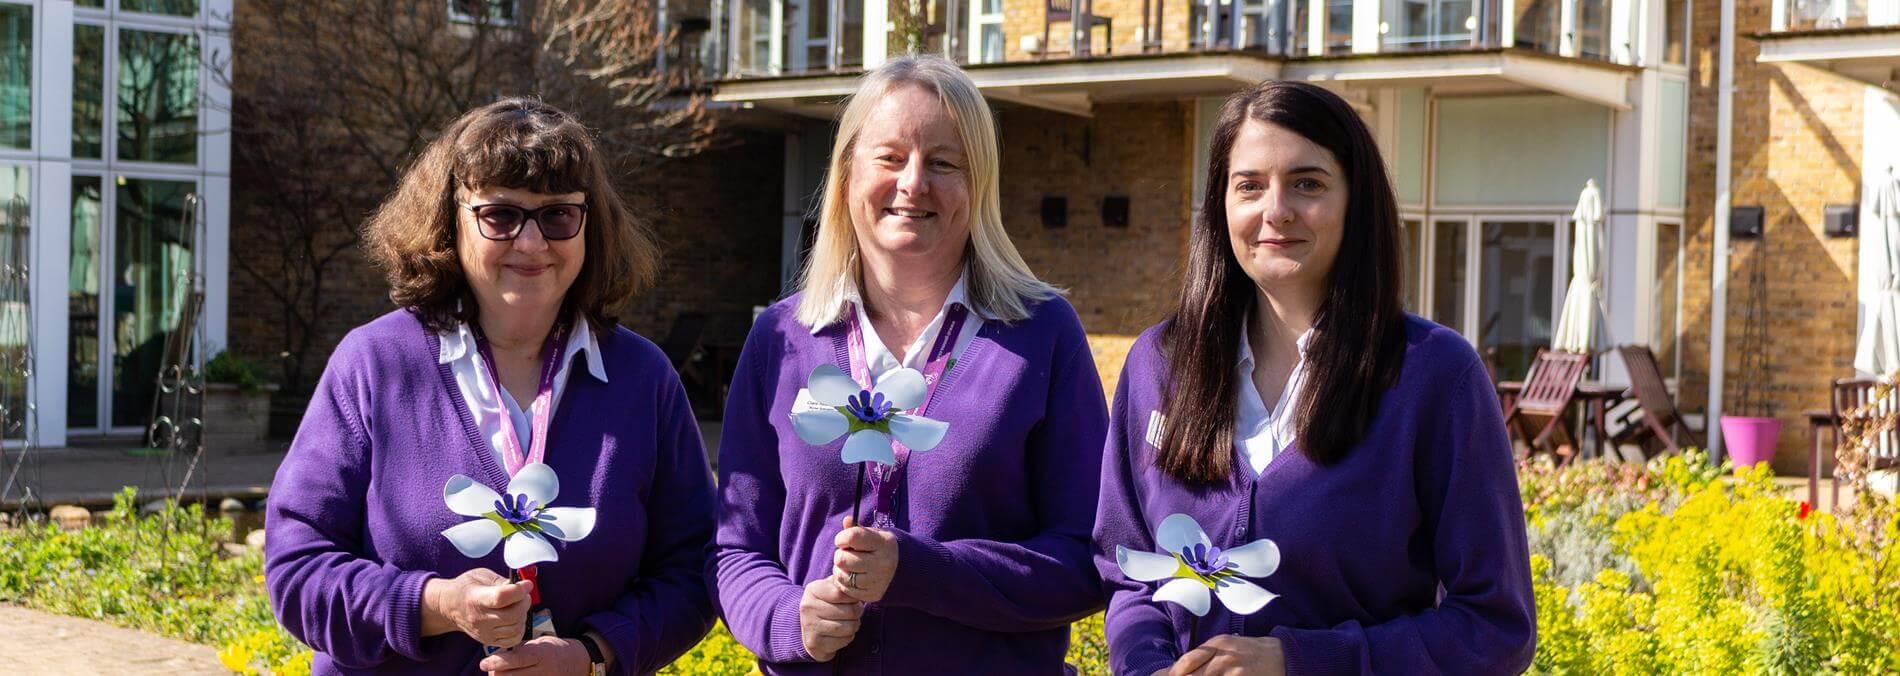 Community Nurses Holding Forever Flowers